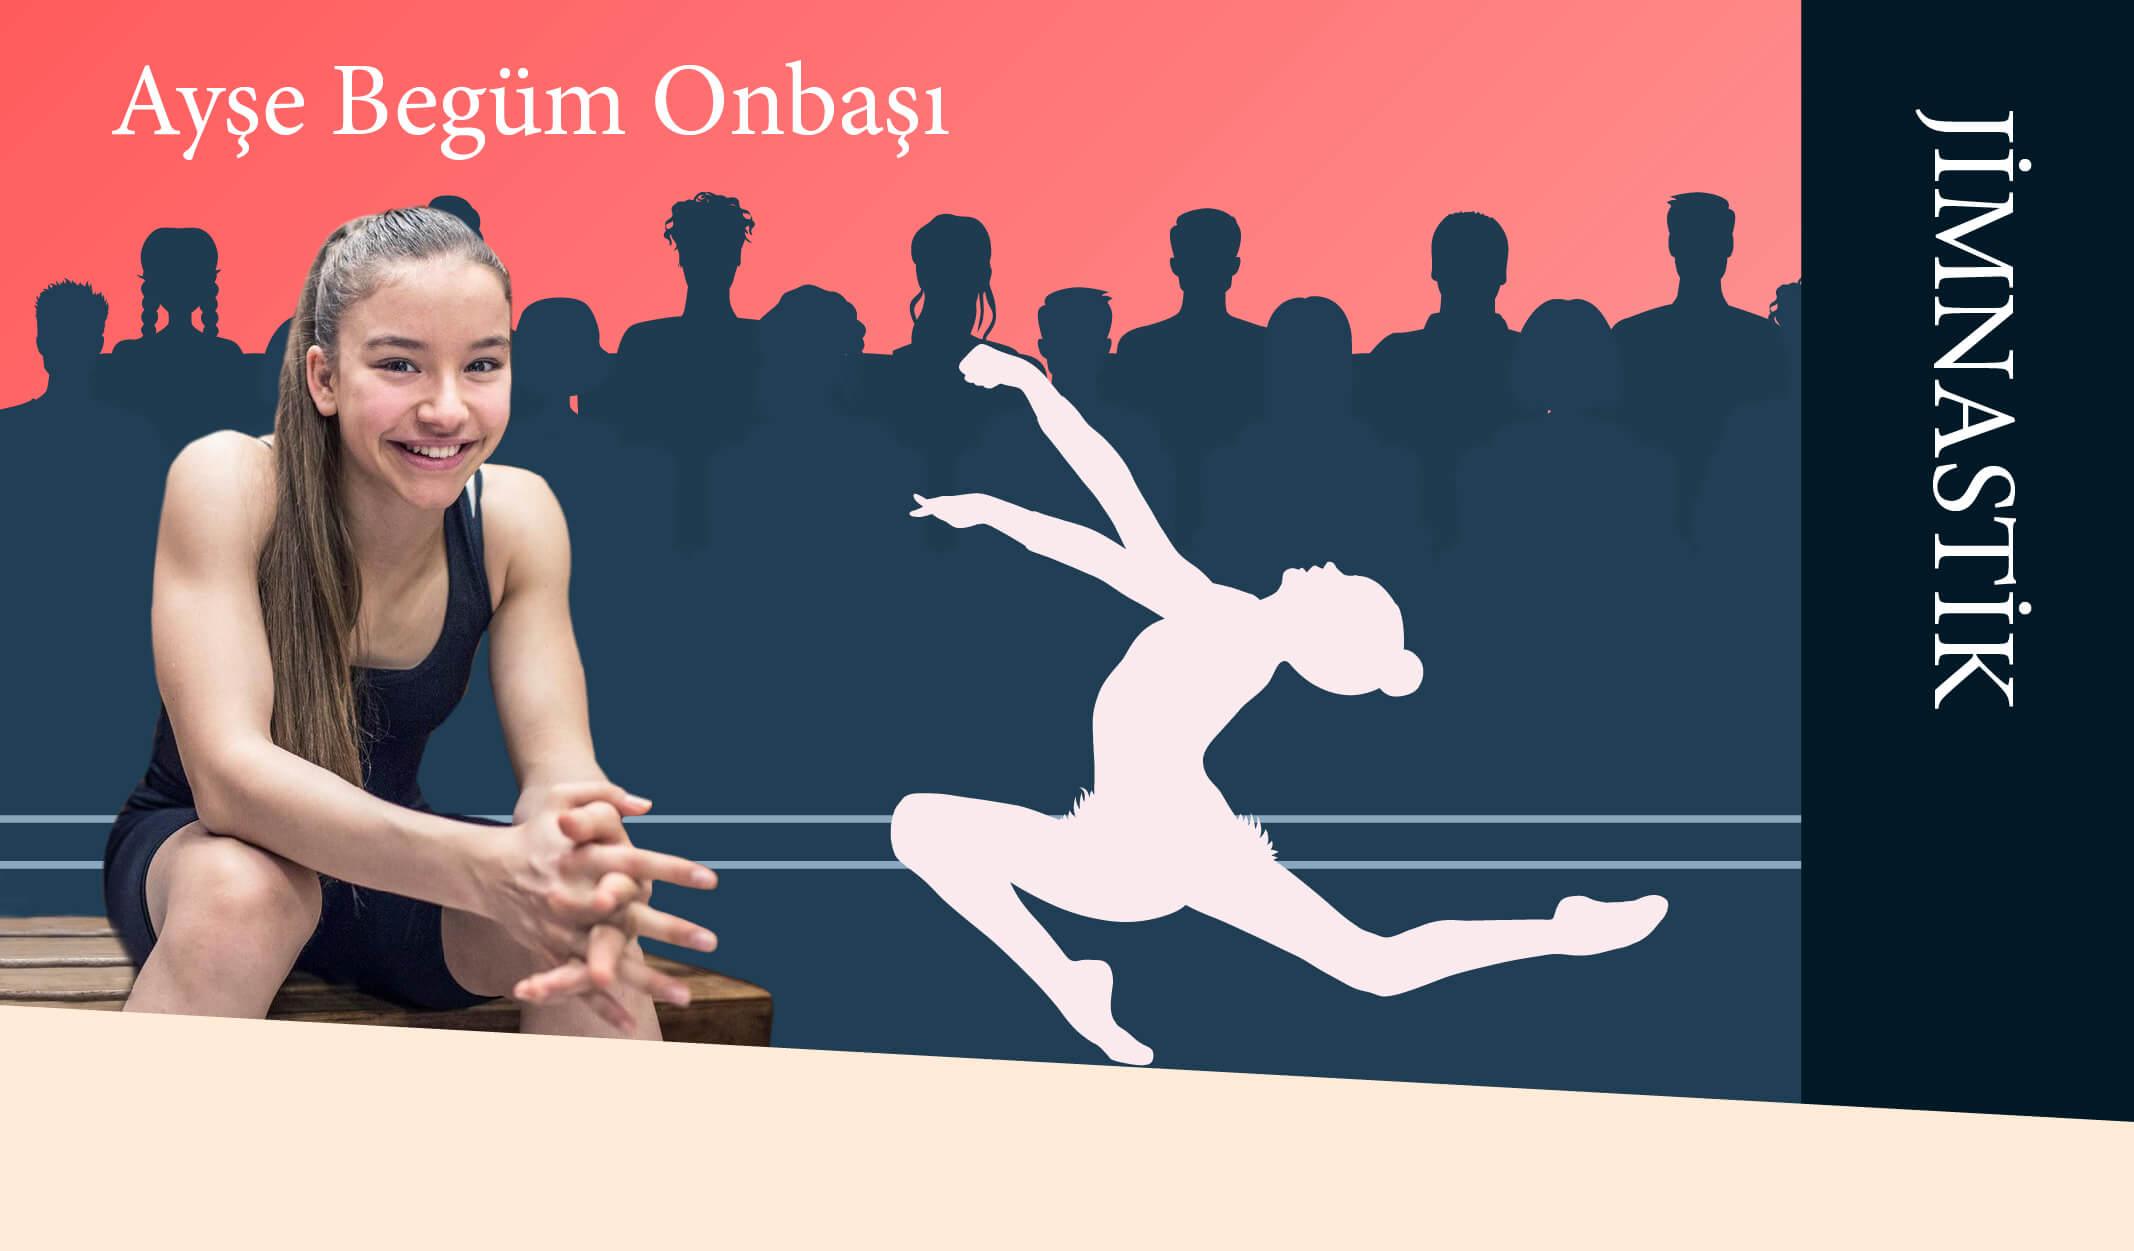 türk sporcular